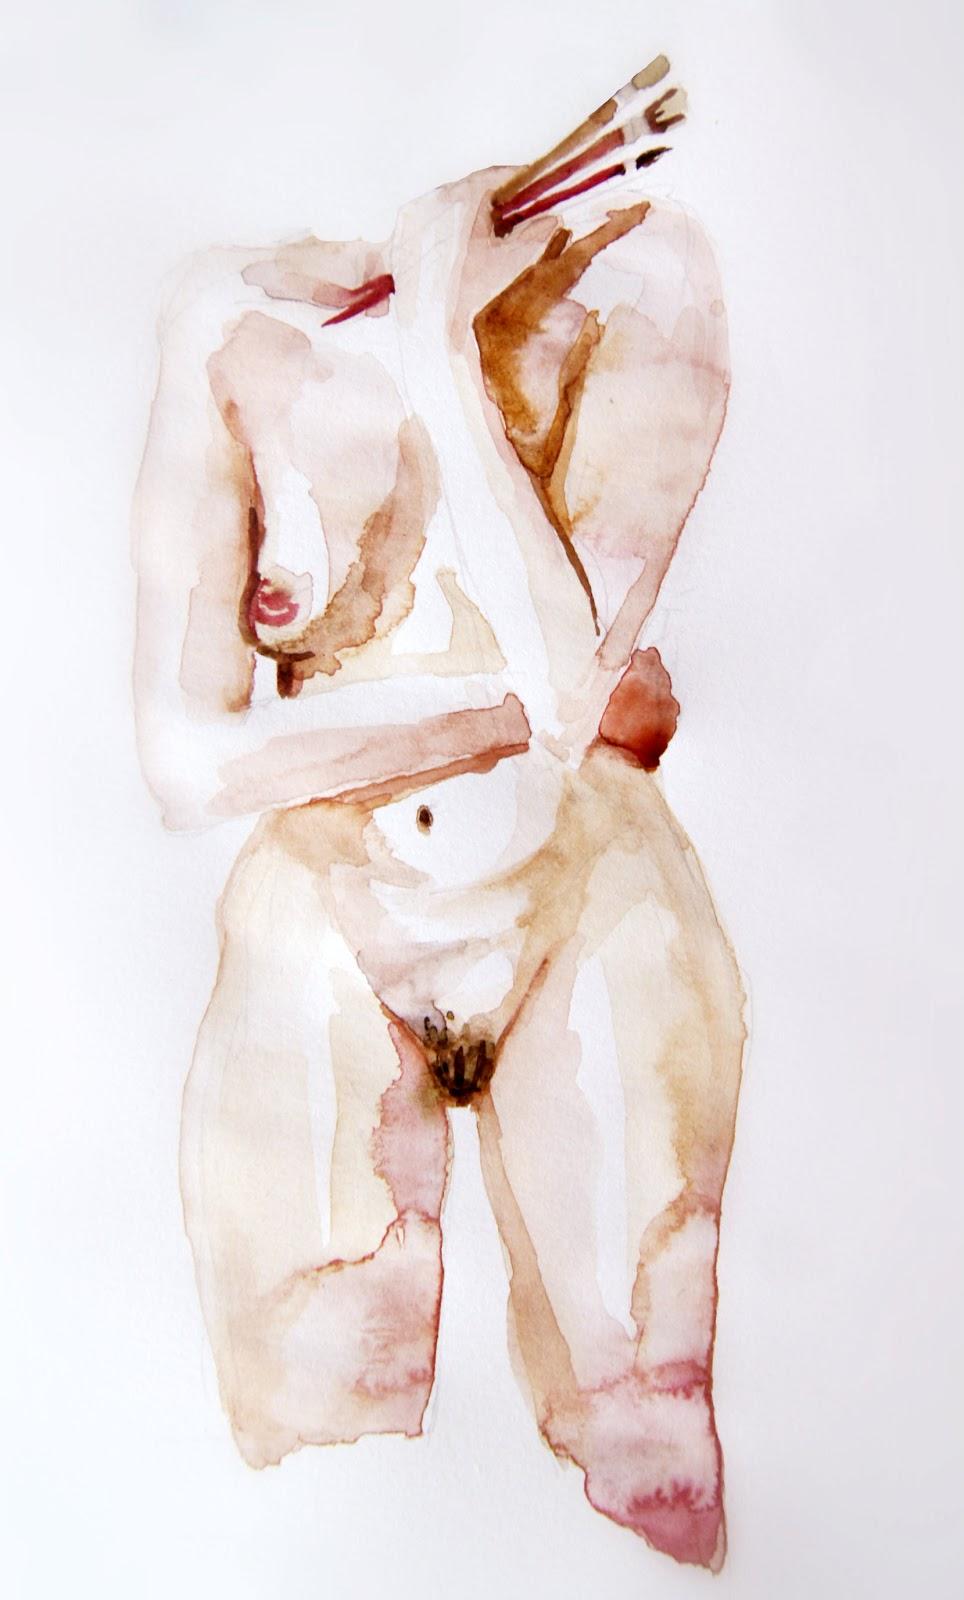 kauniita alastomia naisia Karkkila